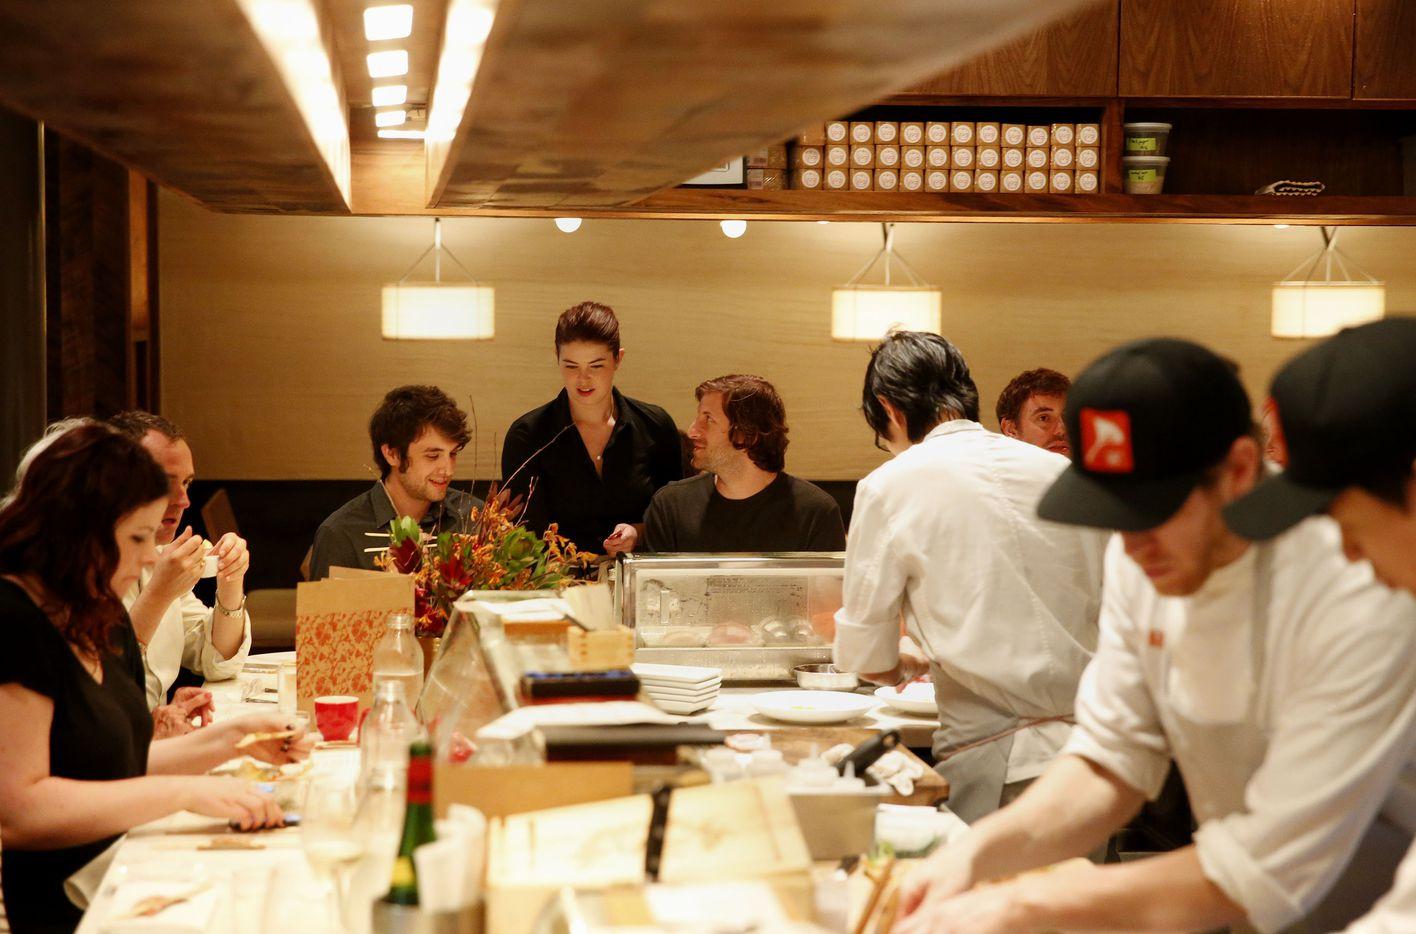 The sushi bar at Uchi